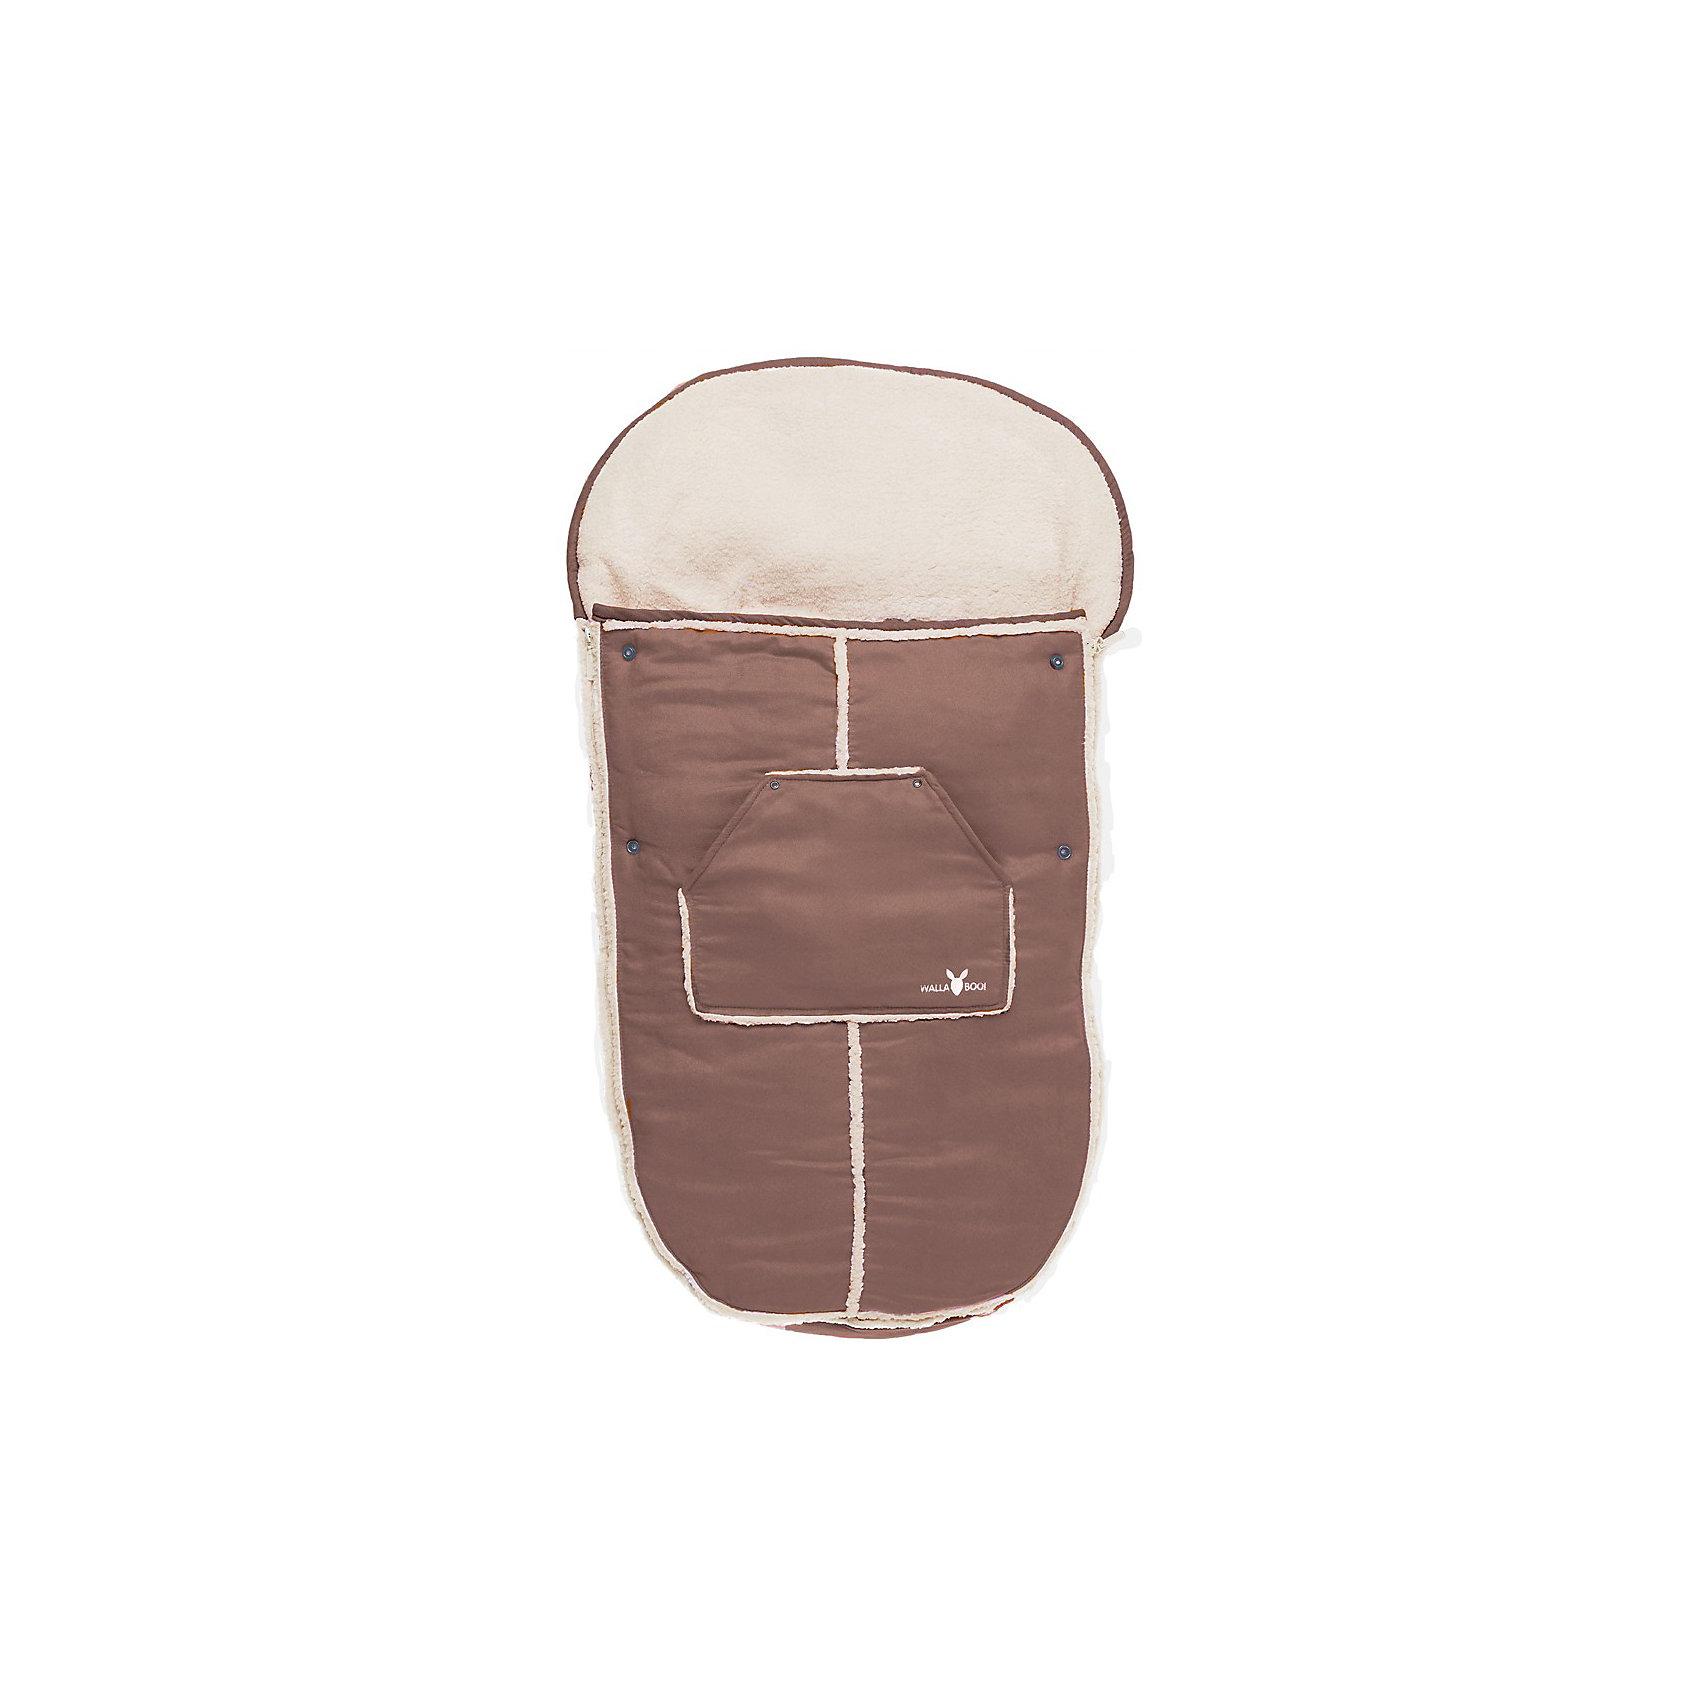 Конверт в коляску от 0-36 мес., Wallaboo, шоколадКонверт в коляску от 0-36 мес., Wallaboo окутает Вашего малыша теплом и нежностью с головы до пят!<br><br>Конверт отличает великолепное качество: верх - микроволокнистая замша или изысканная и мягкая искусственная кожа (цвет черный); внутри - мягчайший плюш под овечью шкурку. Эта стильная и удобная вещь специально придумана для долгих прогулок, во время которых малыш остается в тепле и комфорте, ему уютно и мягко сидеть!<br>        <br>Конверт многофункциональный:<br>- легко пристегивается к любой модели коляски<br>- можно использовать как мягкий чехол-конверт для санок<br>- если отстегнуть верхнюю часть, муфта-конверт превращается в мягкий чехол-подкладку <br><br>Удобно Вам и комфортно малышу: <br>- «капюшон» муфты (на резинке)  легко закрепляется на верхней части коляски и не дает ему сползать<br>- муфта-конверт отлично защищает малыша от ветра и непогоды<br>- в специальный большой карман можно положить любимую игрушку малыша, бутылочку или другие необходимые Вам вещи<br>- две боковые застежки-молнии, расположенные по всей длине муфты, позволяют полностью и очень быстро отстегнуть верхнюю часть муфты от внутренней и высадить малыша из коляски<br><br>Дополнительная информация:<br><br>- Наполнитель: синтепон 120 грамм.<br>- Подходит для колясок с 3-х и 5-титочечными ремнями безопасности<br>- Машинная стирка при температуре 30 градусов. <br>- Размер: 48 х 100 см <br>- Вес: 800 г<br><br>Конверт в коляску от 0-36 мес., Wallaboo, шоколад можно купить в нашем магазине.<br><br>Ширина мм: 600<br>Глубина мм: 500<br>Высота мм: 90<br>Вес г: 800<br>Возраст от месяцев: 0<br>Возраст до месяцев: 36<br>Пол: Унисекс<br>Возраст: Детский<br>SKU: 3812570